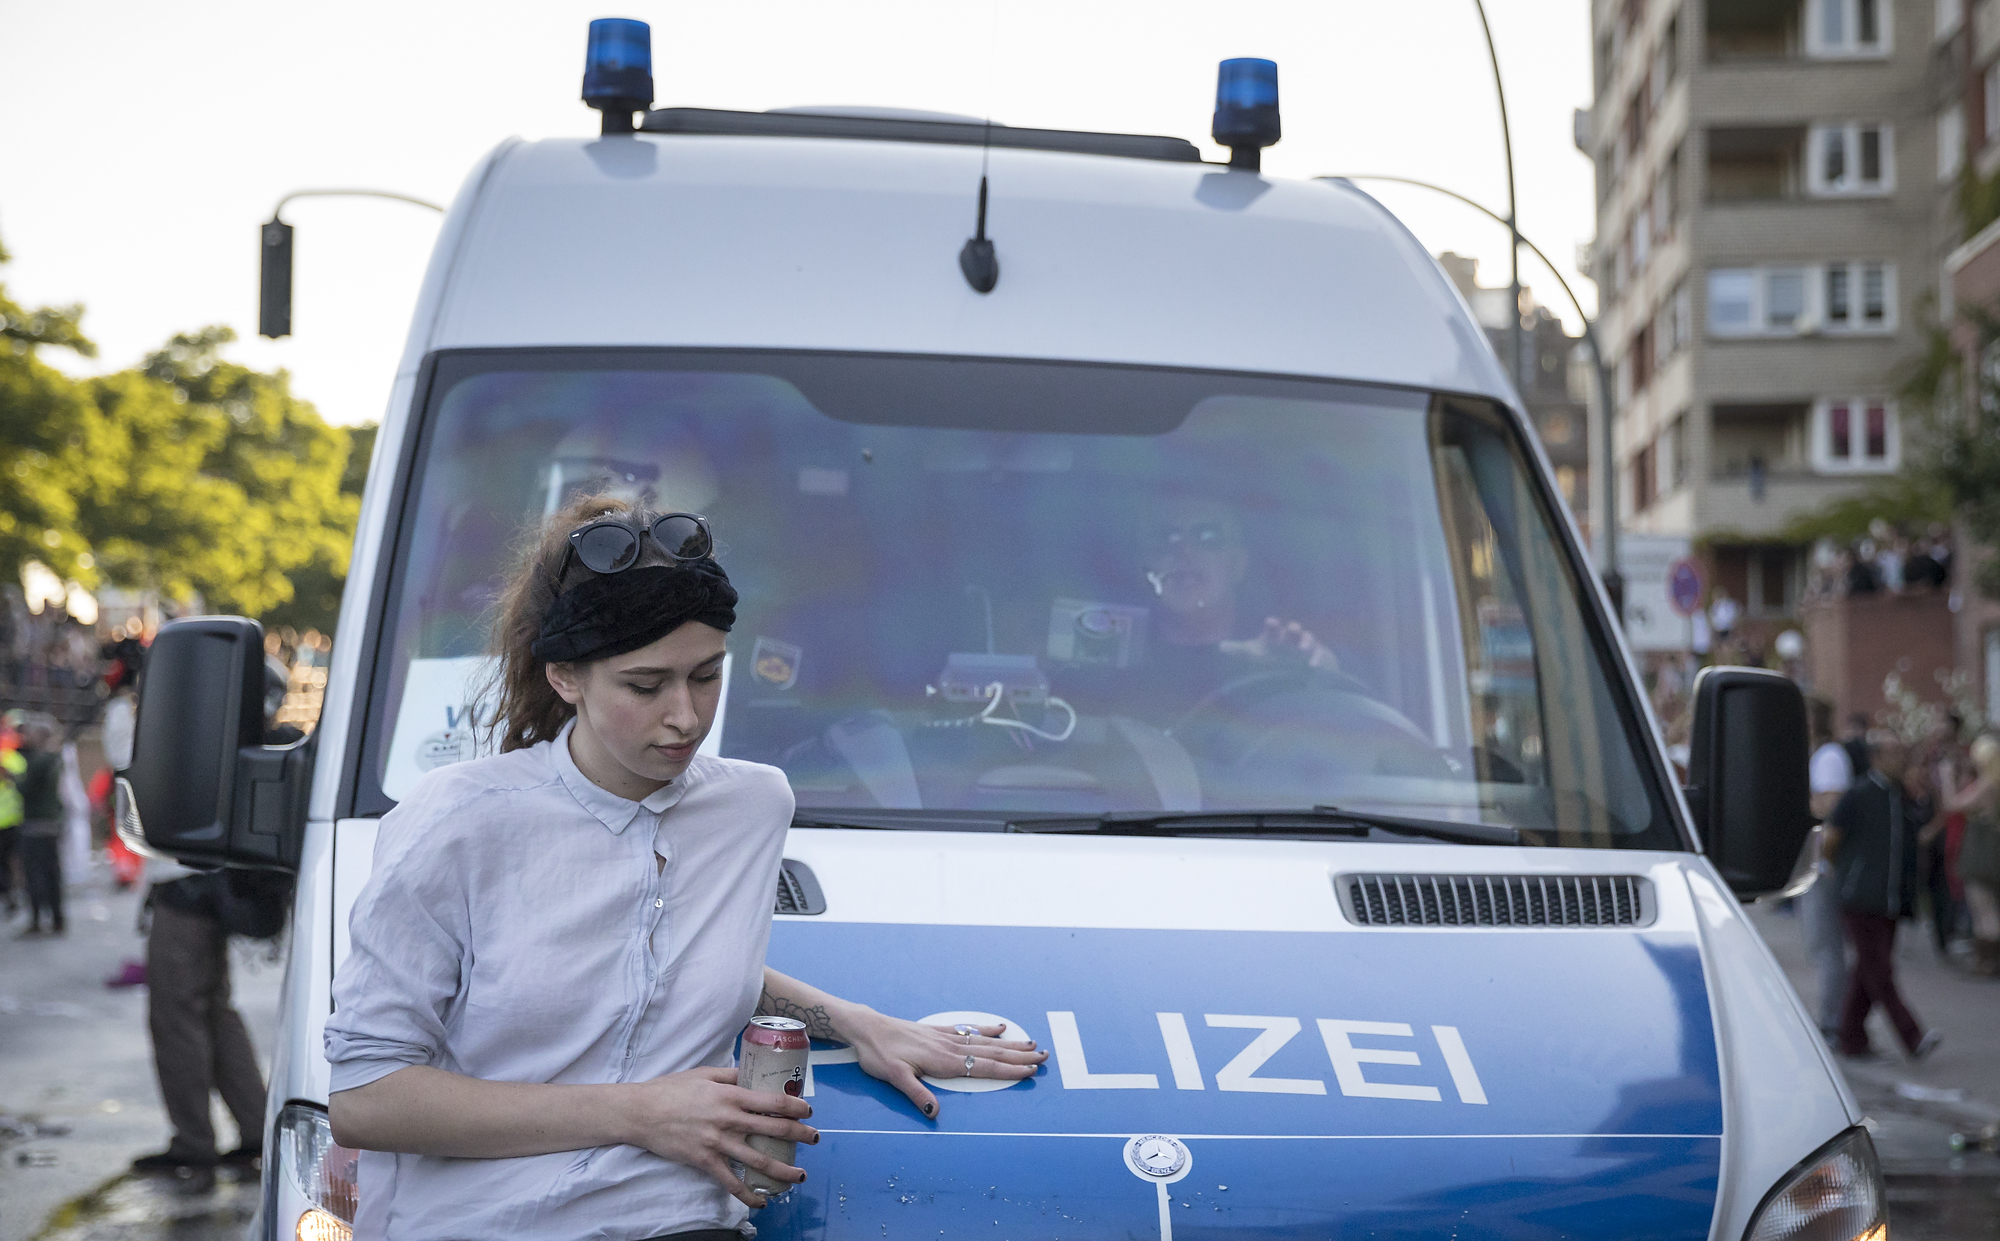 """Eine Demonstrtionsteinehmerin blockiert am 06/07/2017 am Fischmarkt in Hamburg nach der Auflösung einer Demonstration unter dem Titel """"Welcome to Hell"""" ein Polizeifahrzeug. Foto Florian Schuh"""